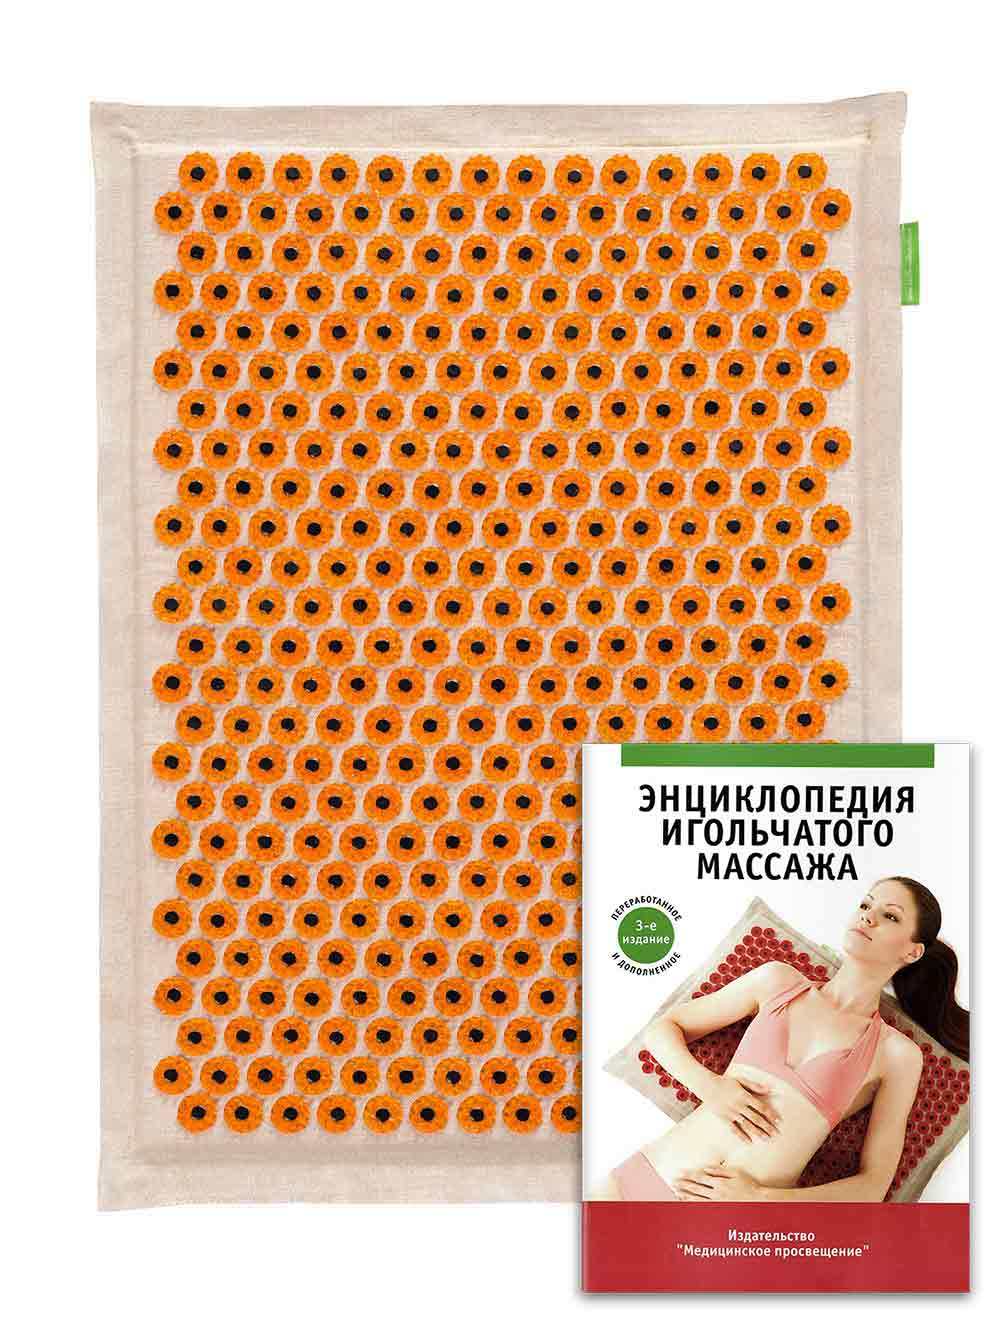 Купить Массажер медицинский аппликатор Кузнецова магнитный на мягкой подложке 41 x 60 см желтый, Лаборатория Кузнецова